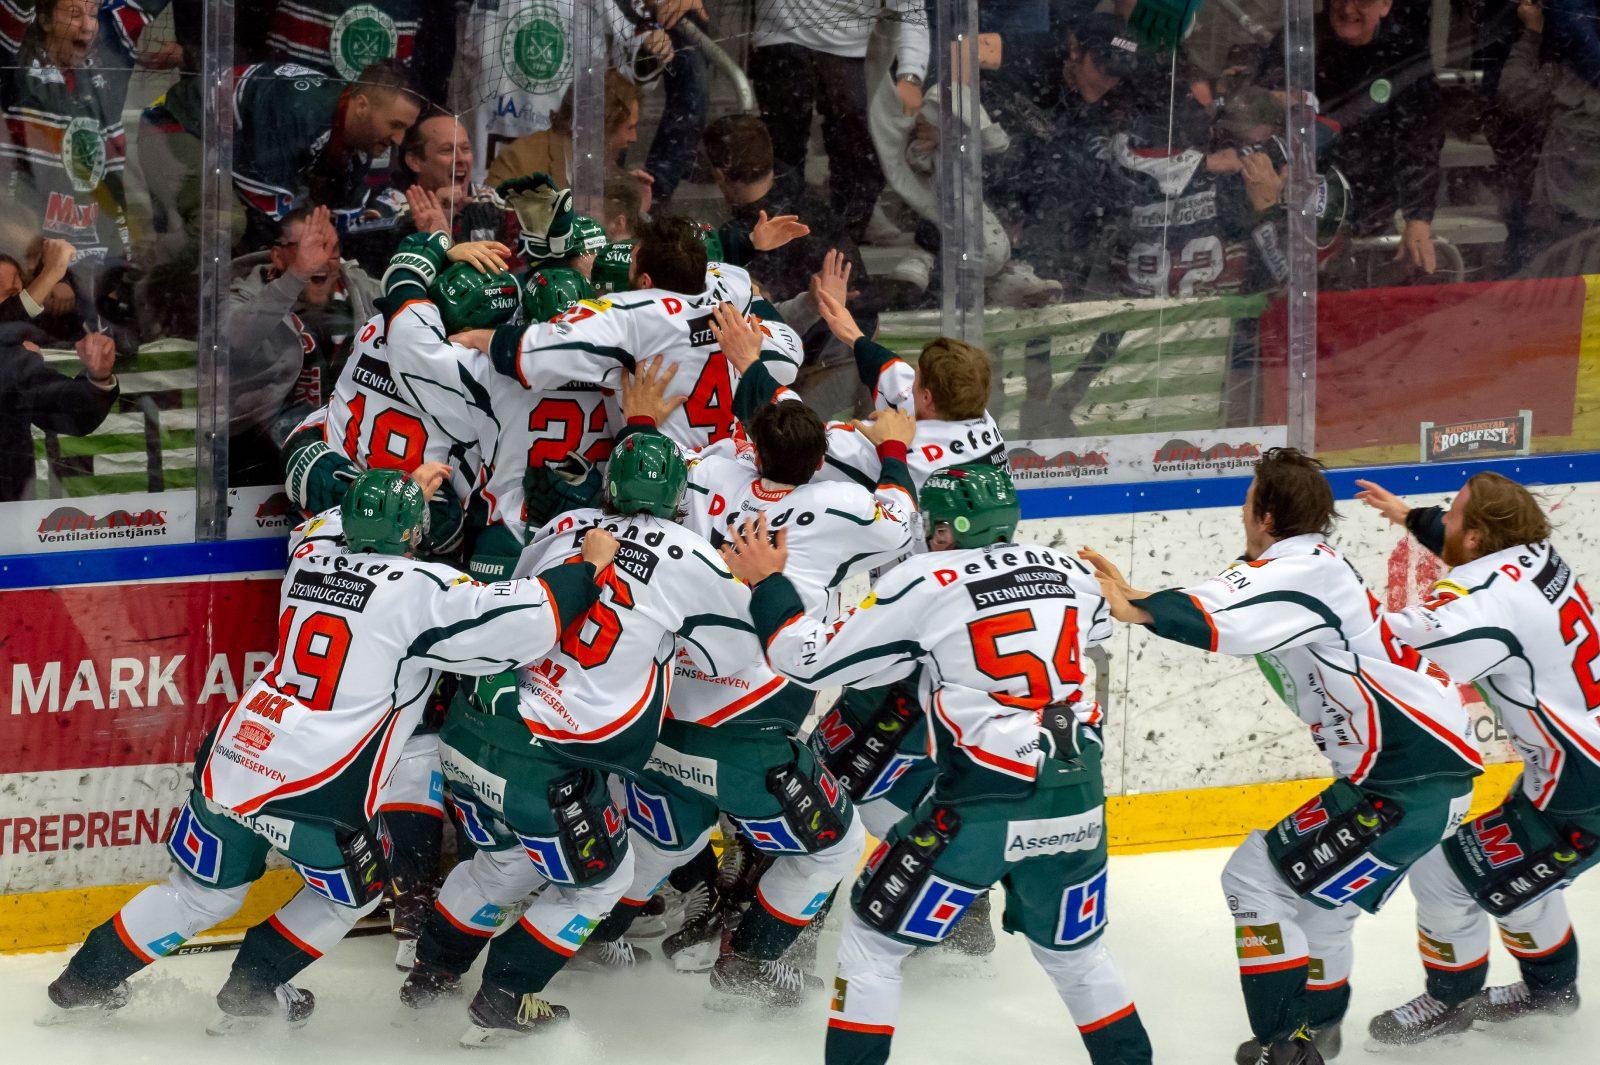 SILLY SEASON: Flera ändringar i Hockeyallsvenska trupperna